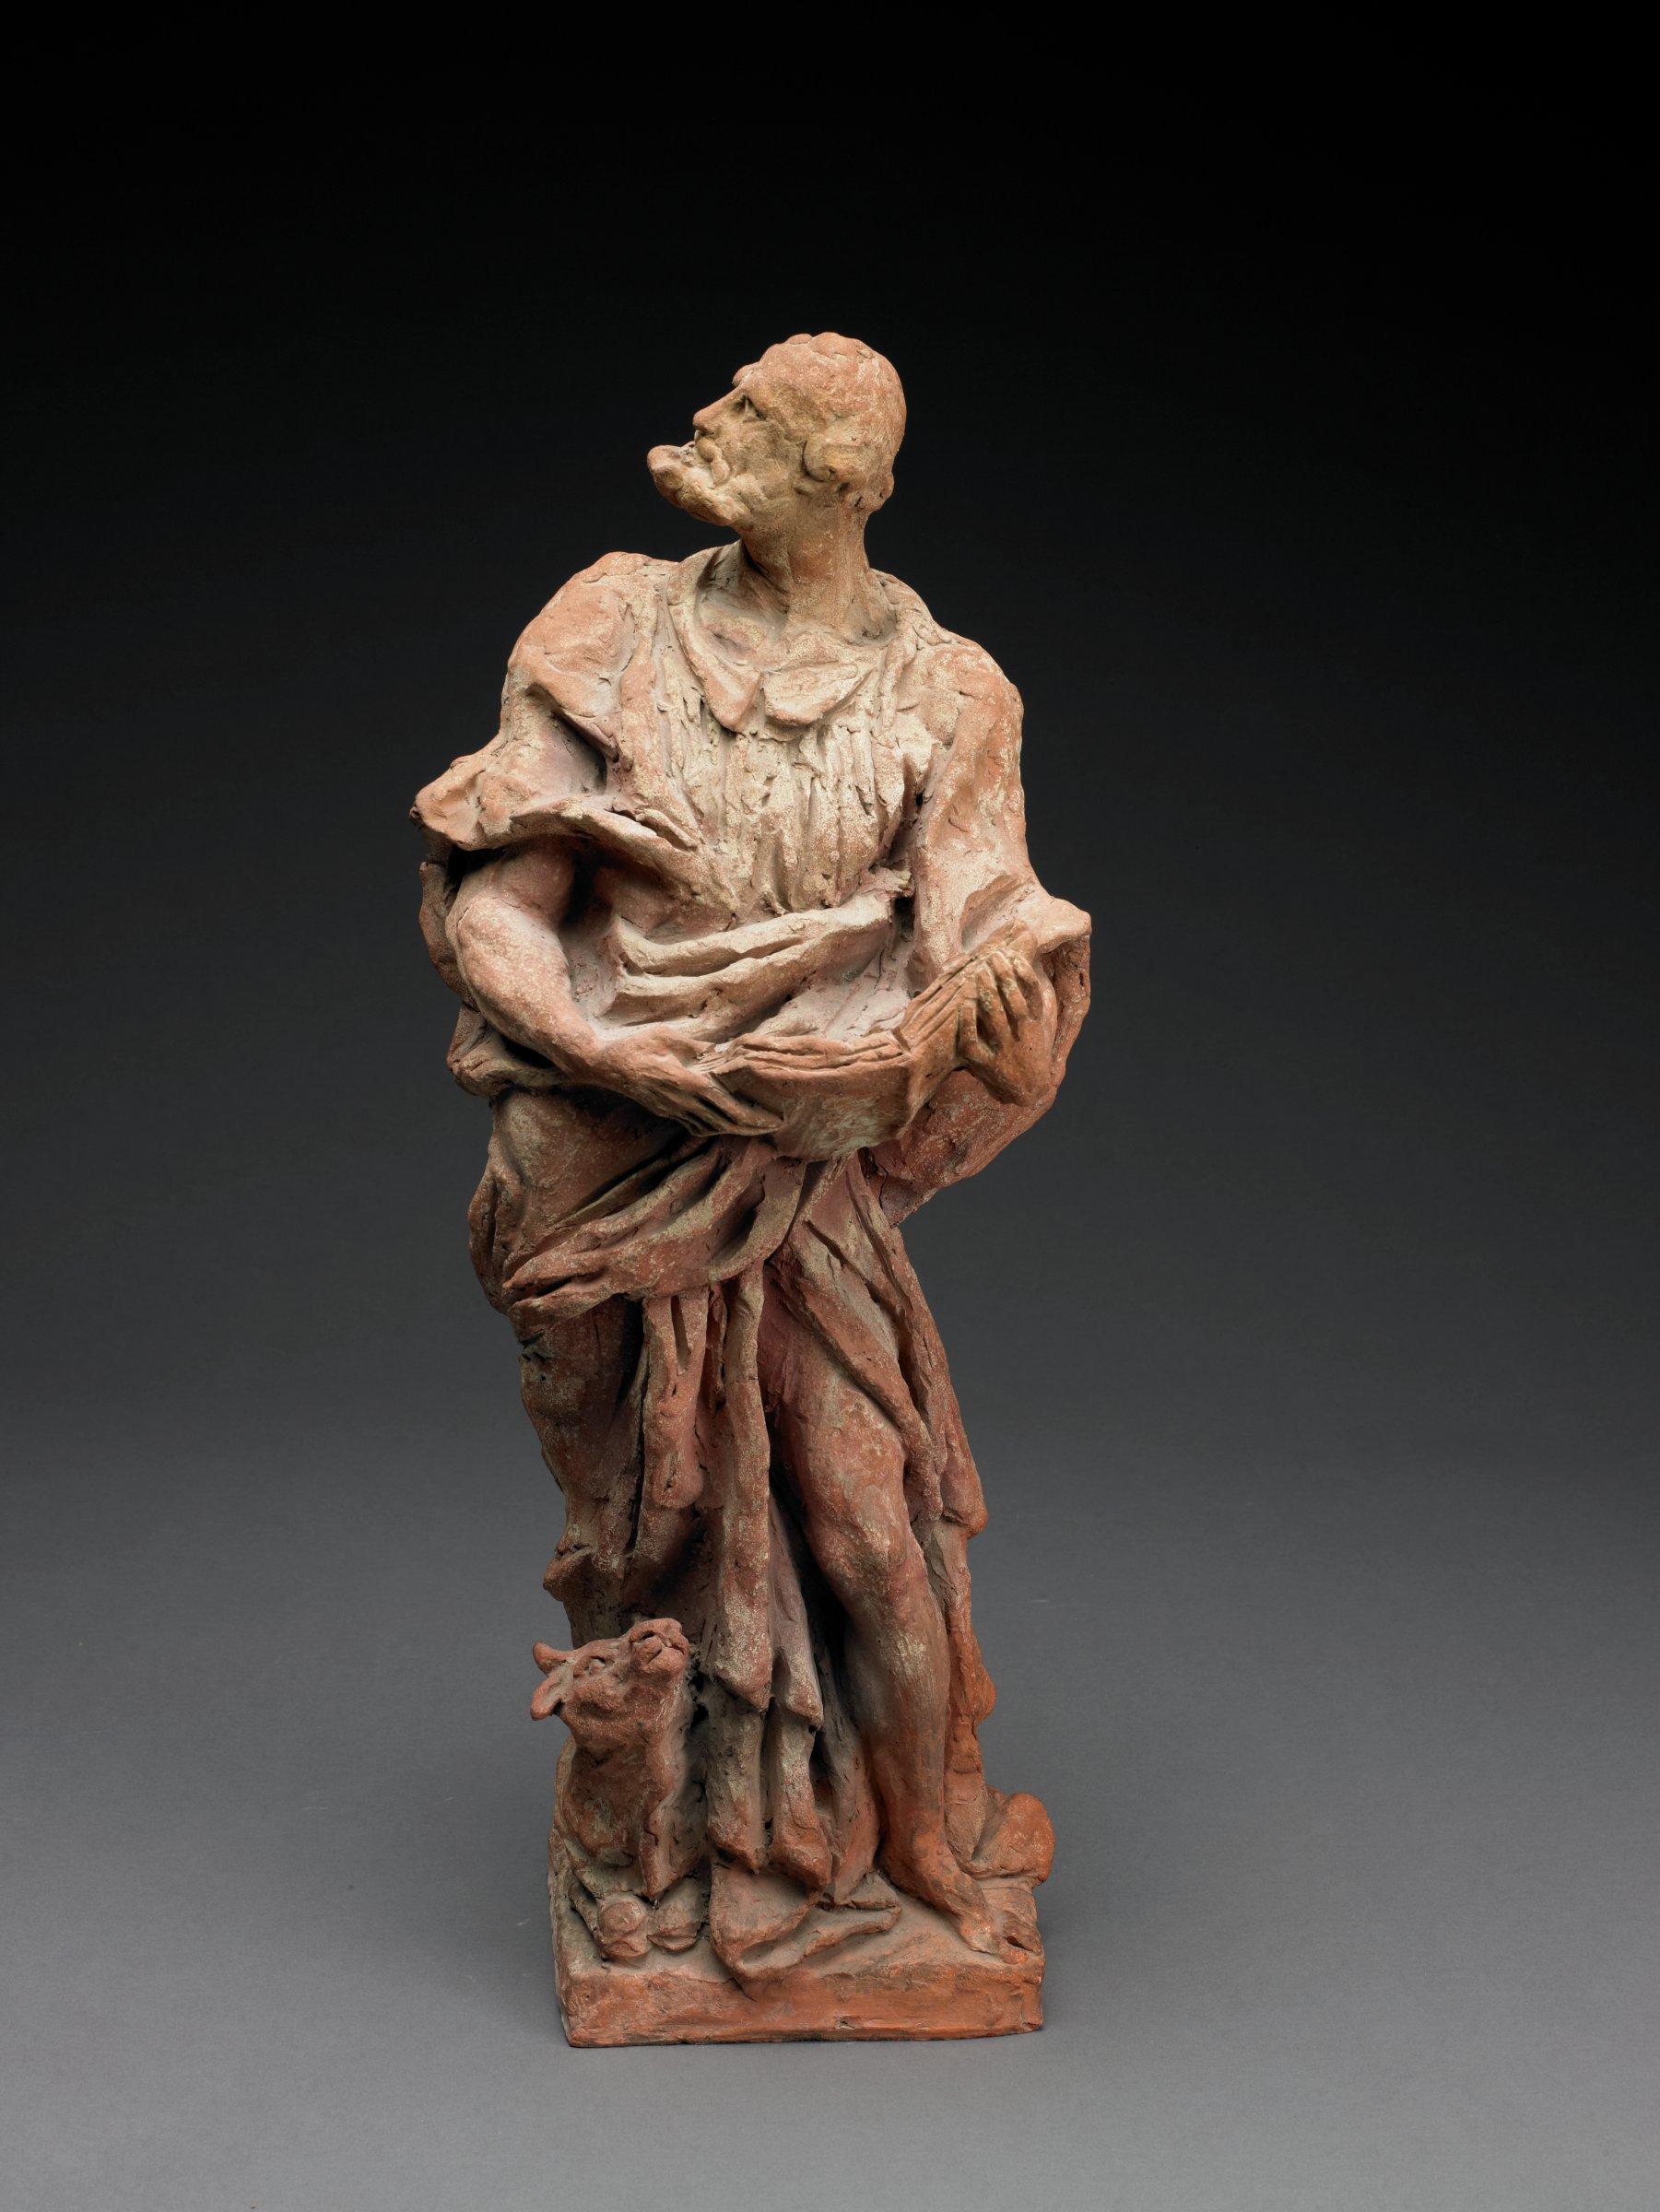 St. Luke, Giuseppe Bernardi, called Torretto, terracotta